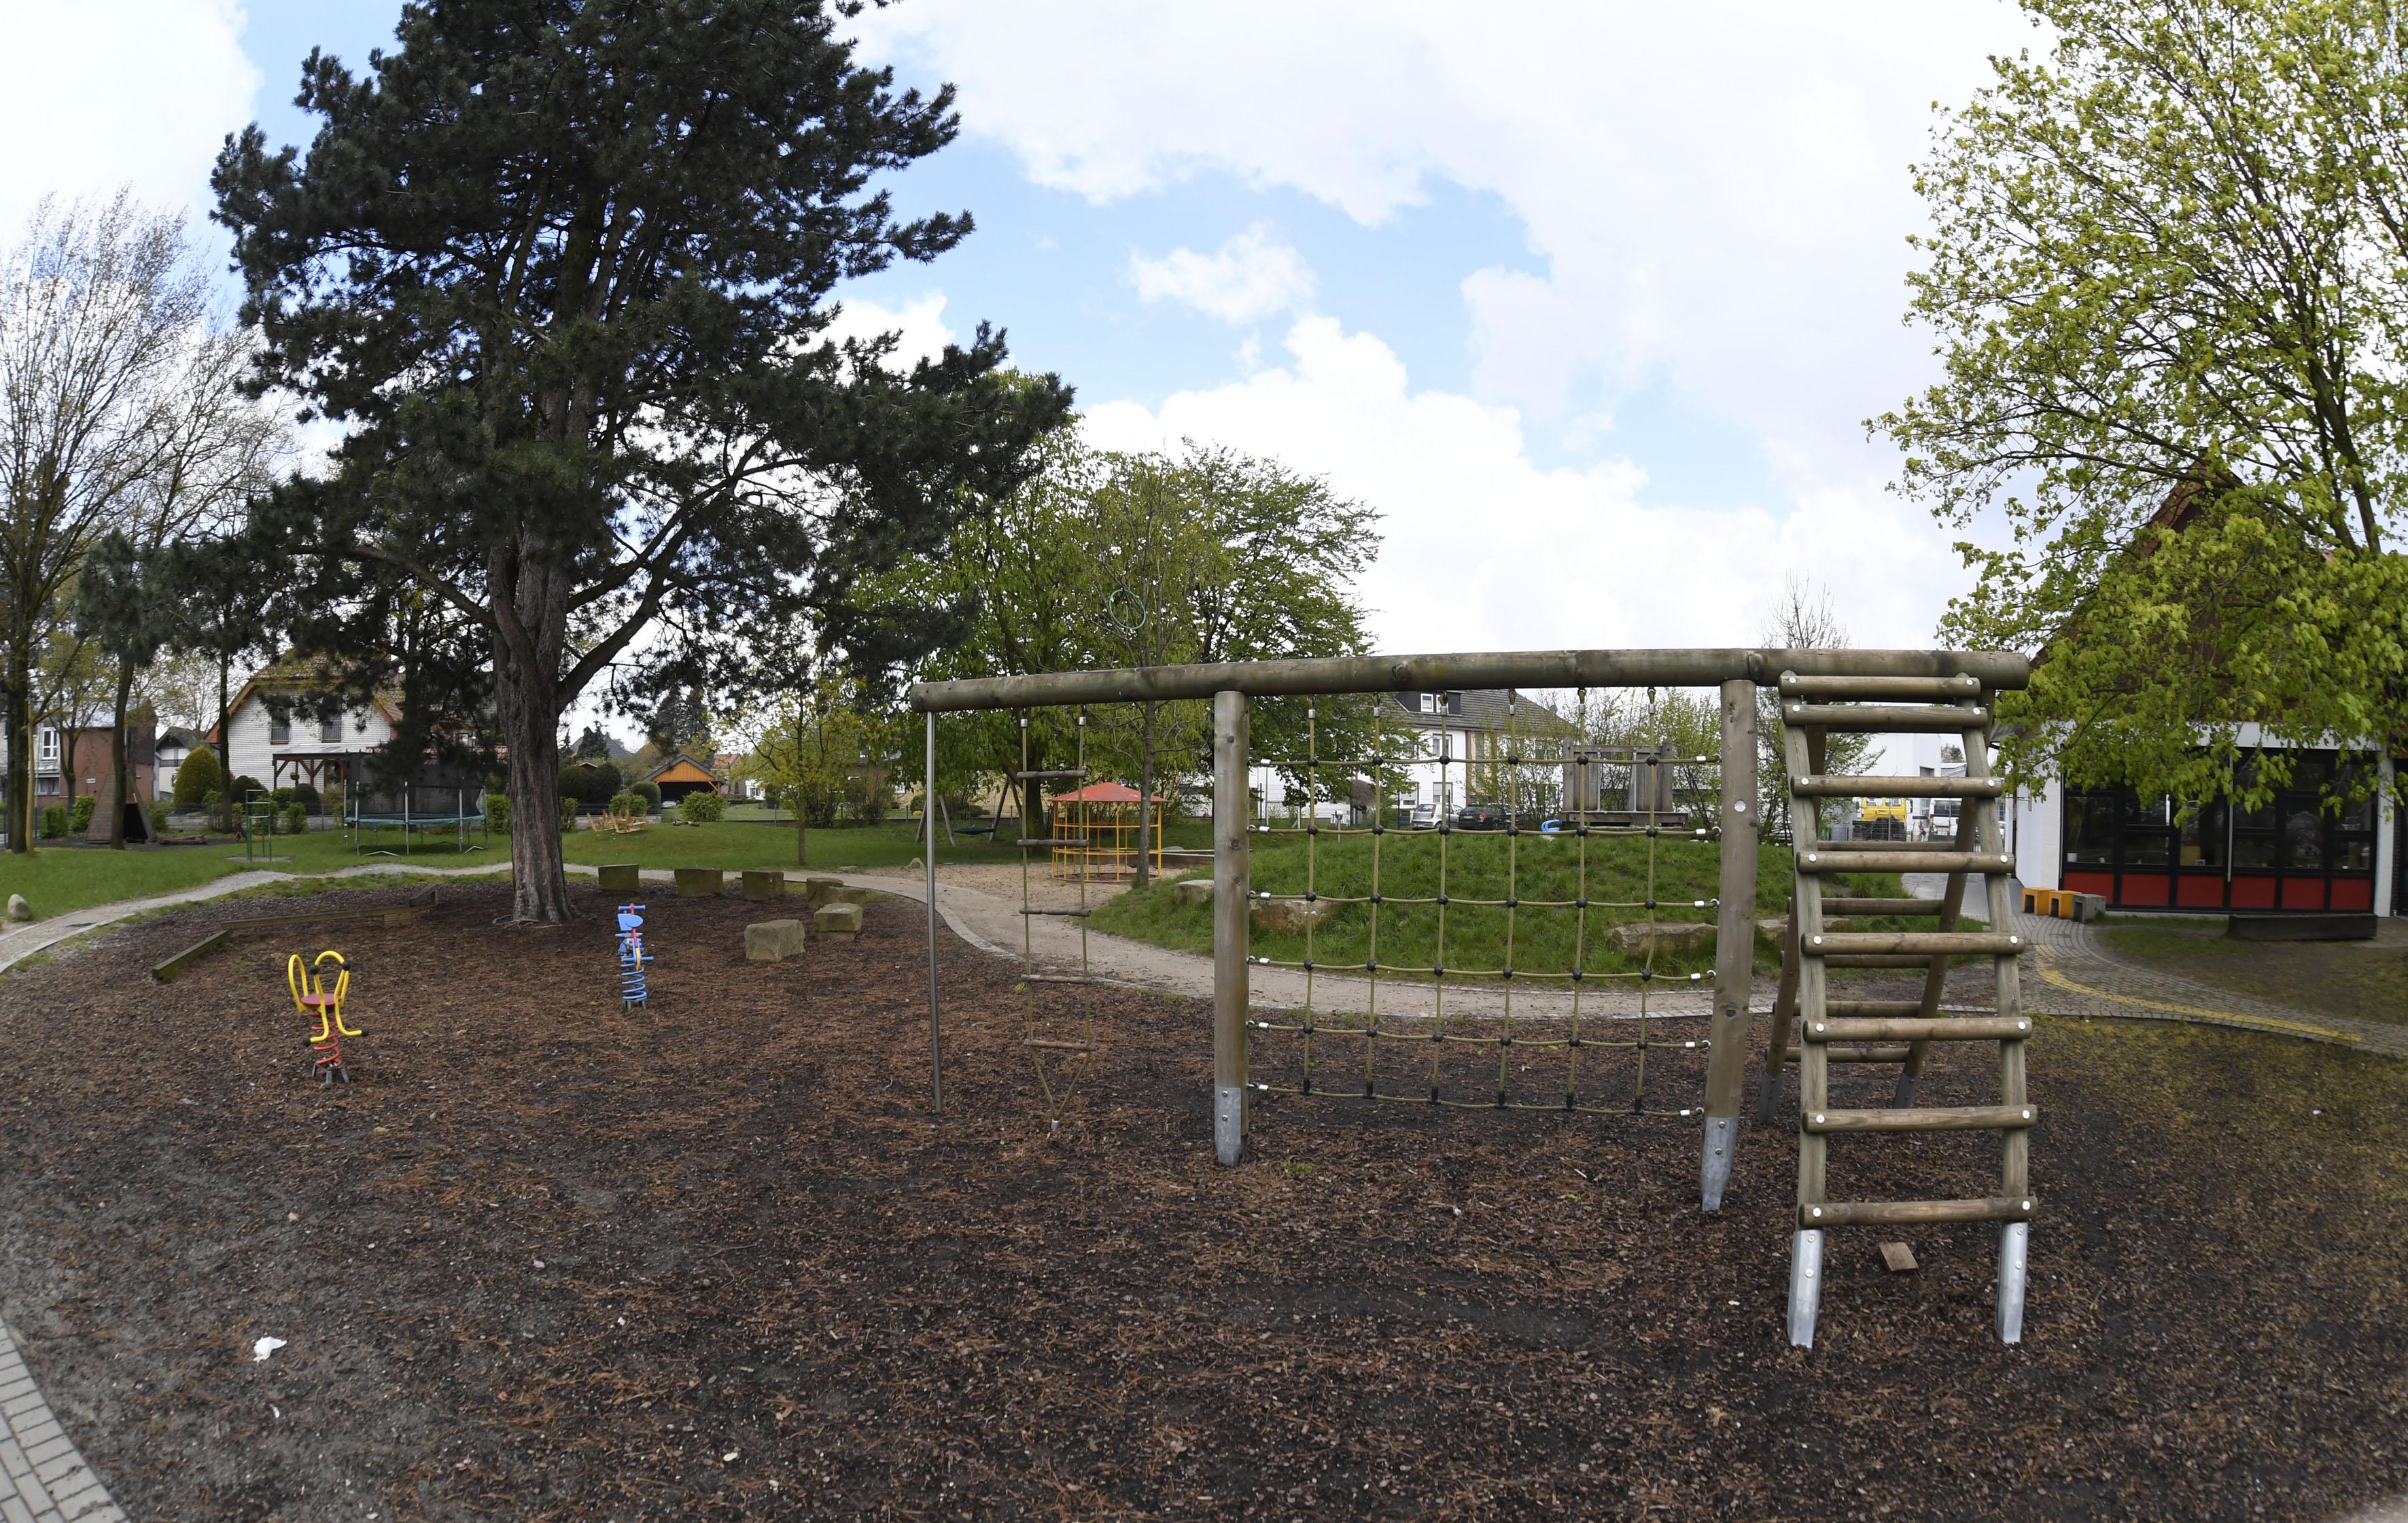 Klettergerüst U3 : Räume und spielbereiche unsere kita kath. st. joseph westenholz